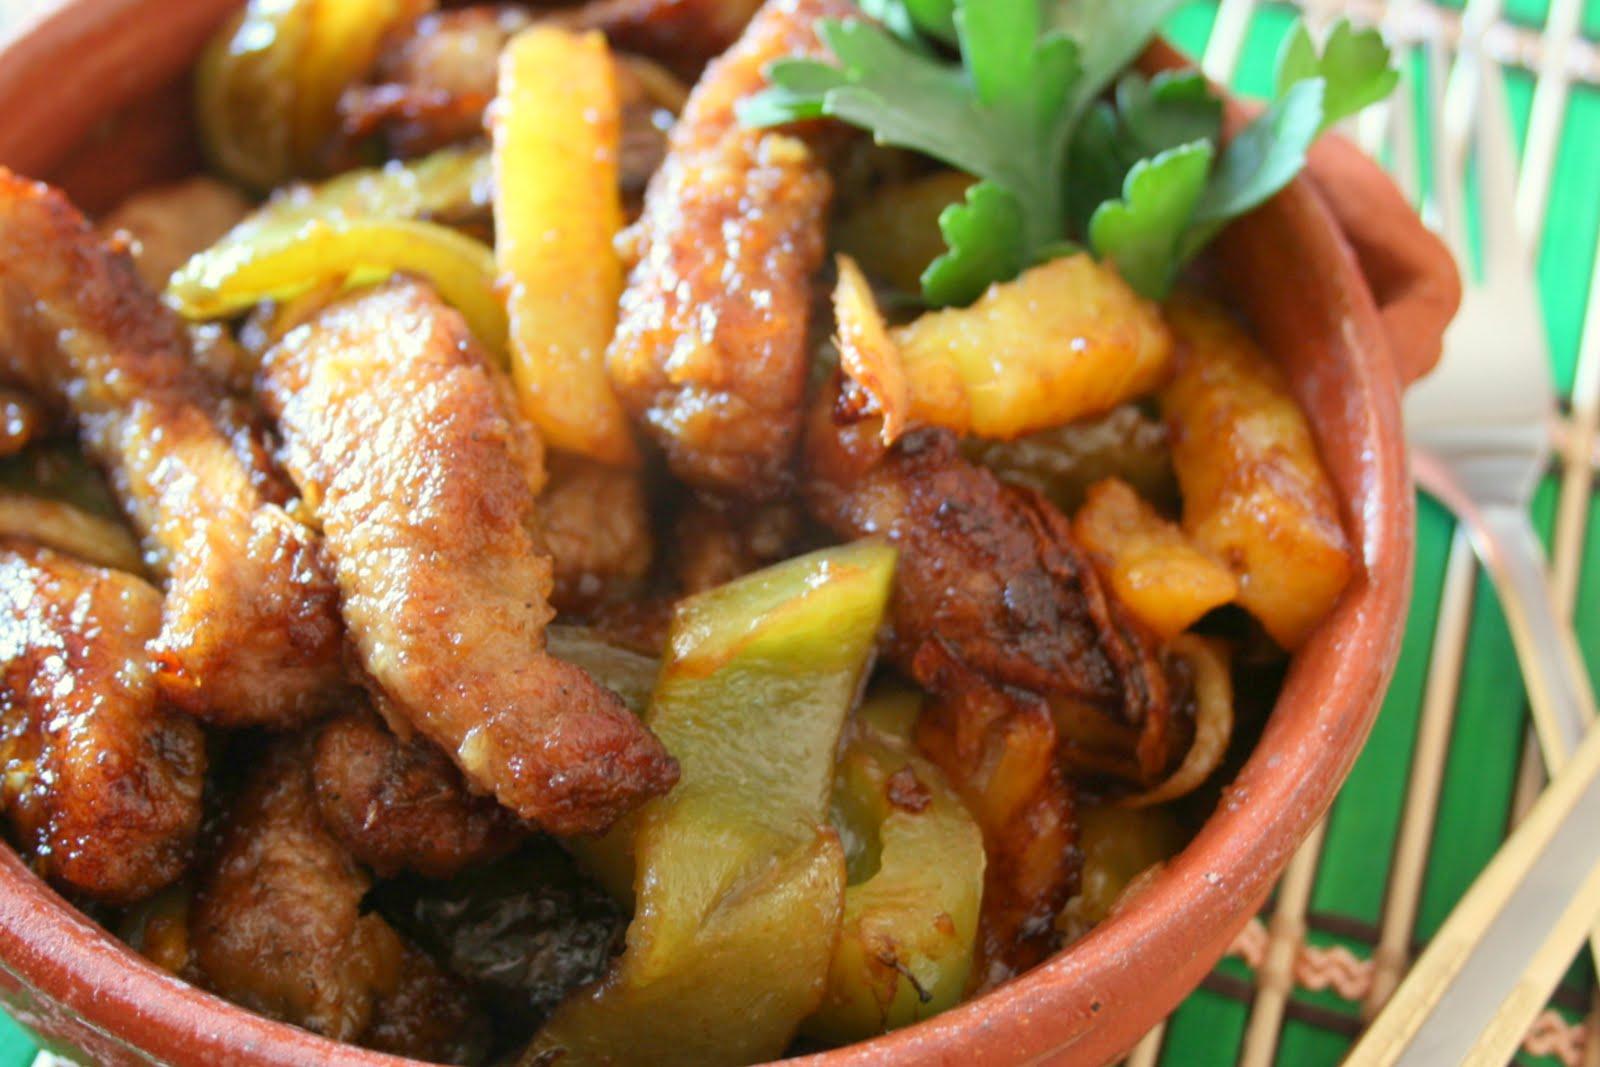 Al tavolo: Свинина с ананасом и имбирем.